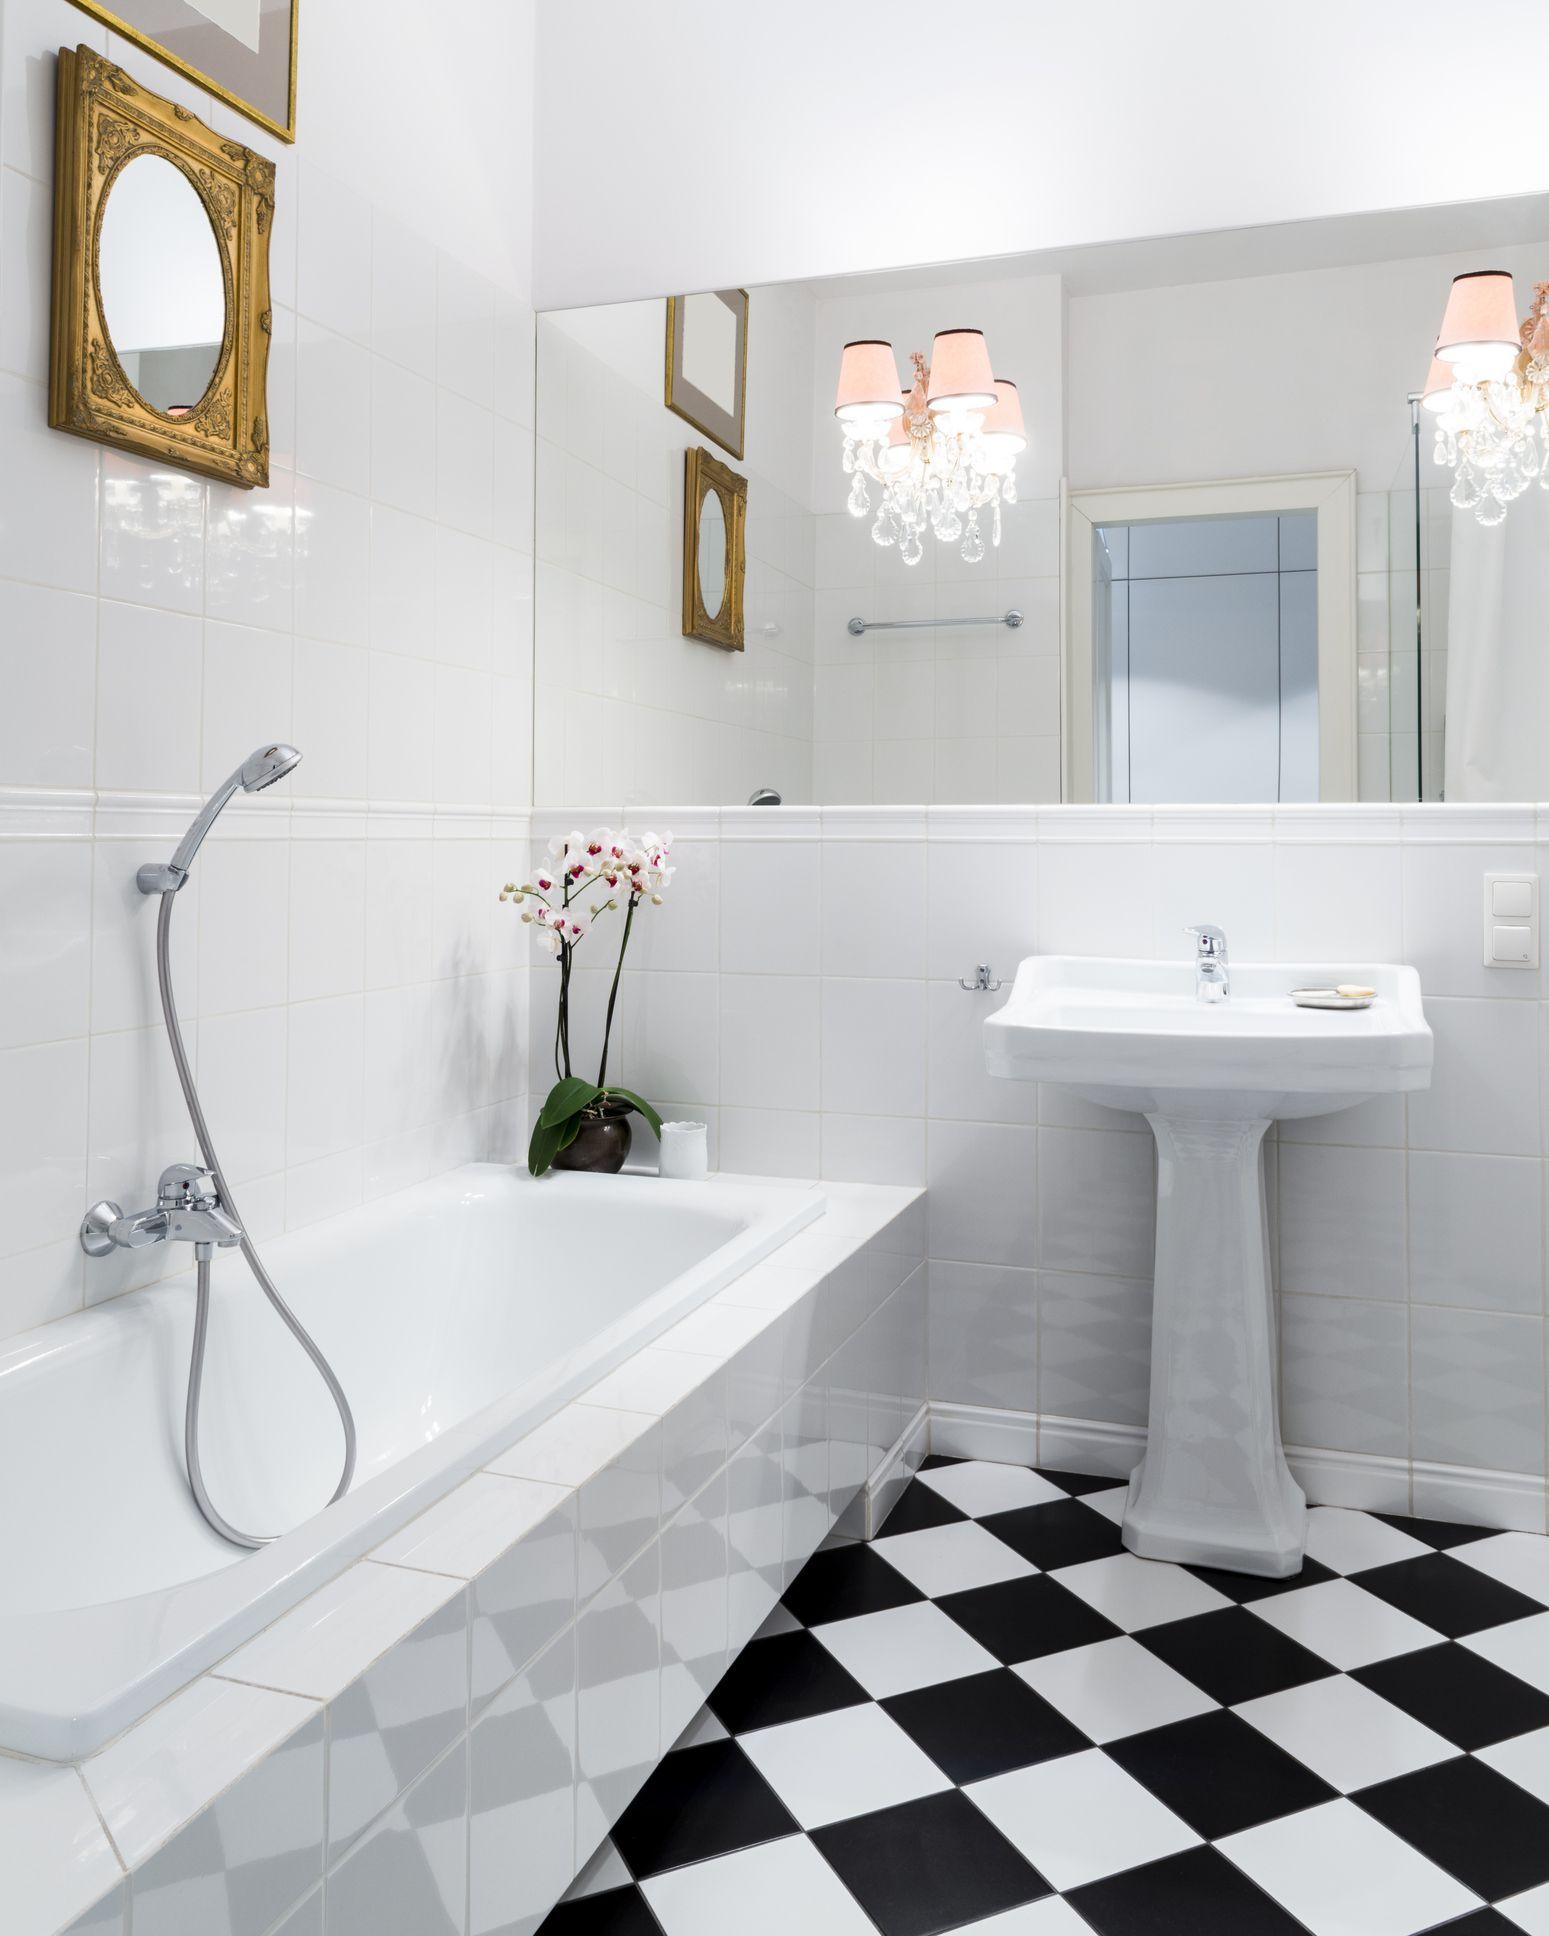 linoleum flooring in bathroom settings